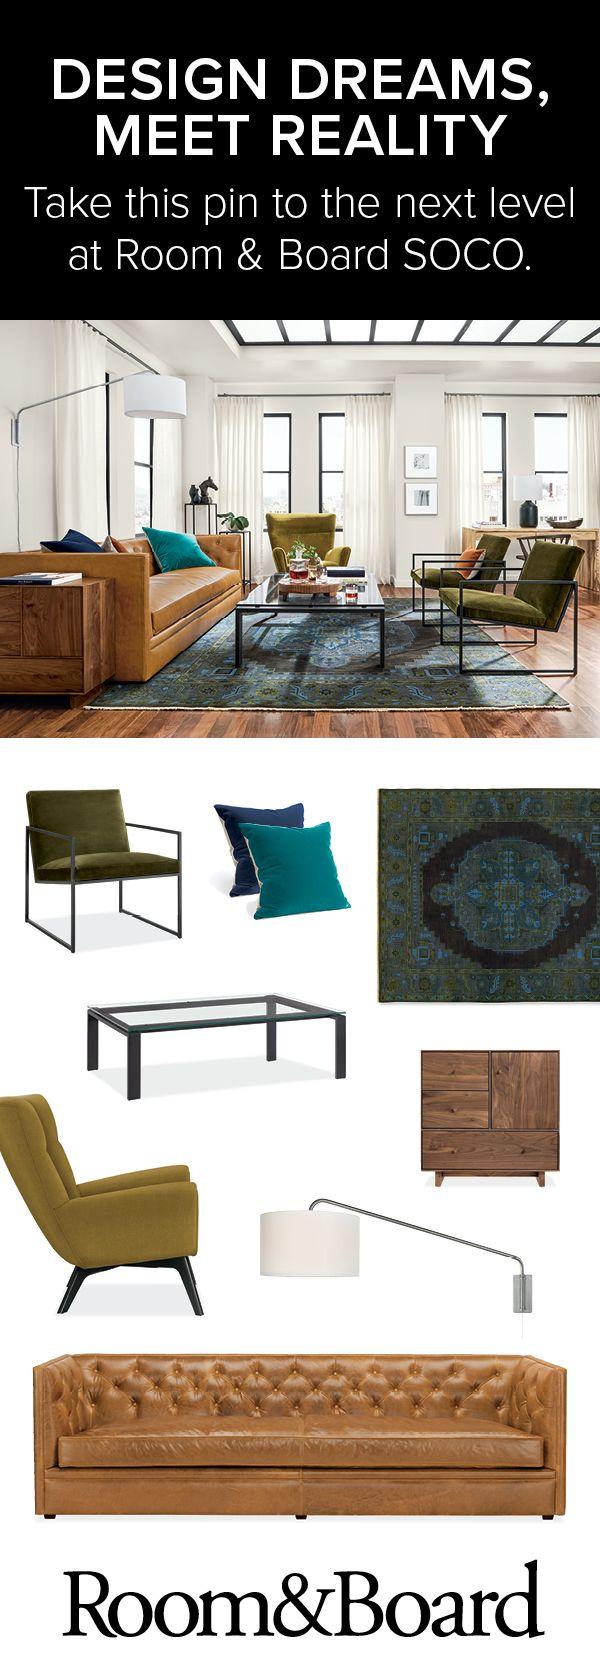 Costa Mesa Furniture Store Modern Furniture Stores Dallas Furniture Stores At Home Furniture Store